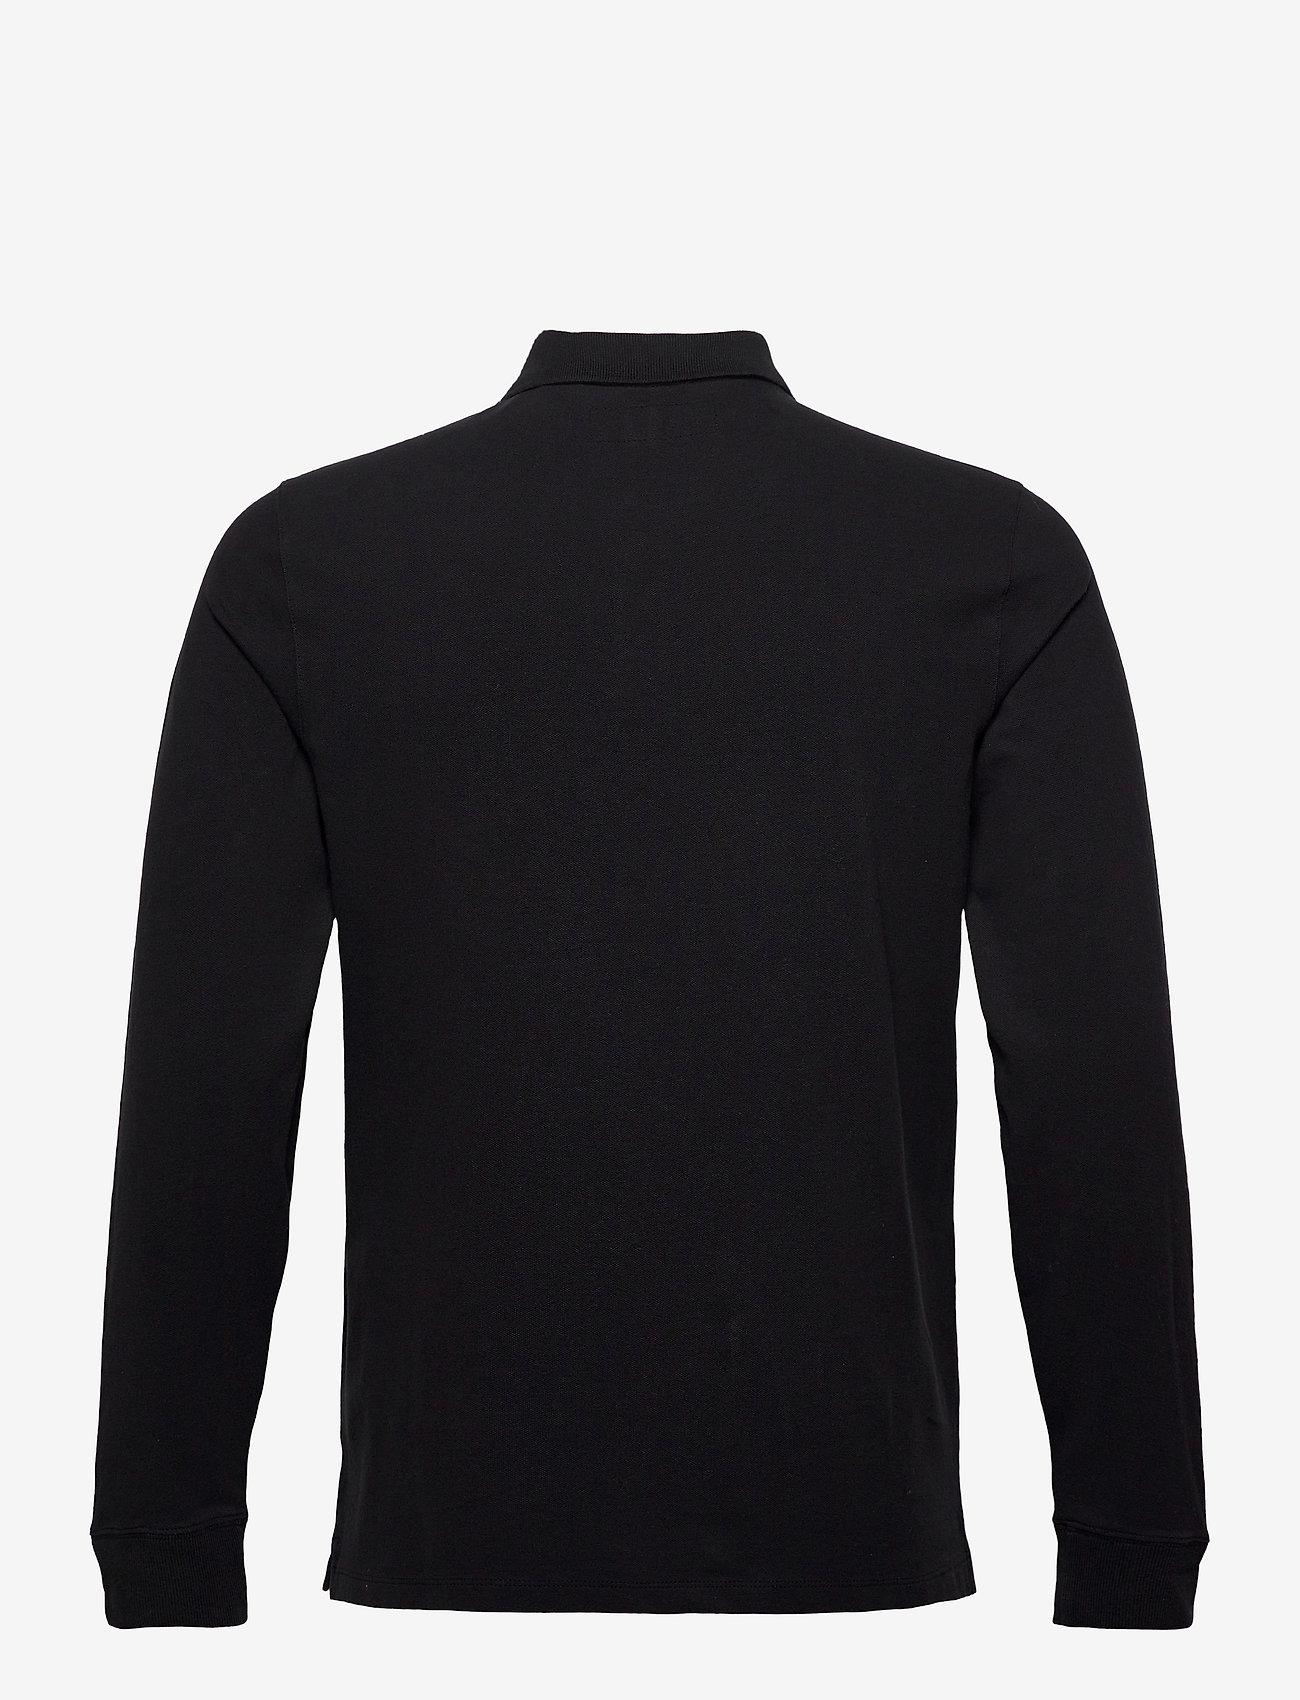 Abercrombie & Fitch ANF MENS KNITS - Poloskjorter BLACK DD - Menn Klær